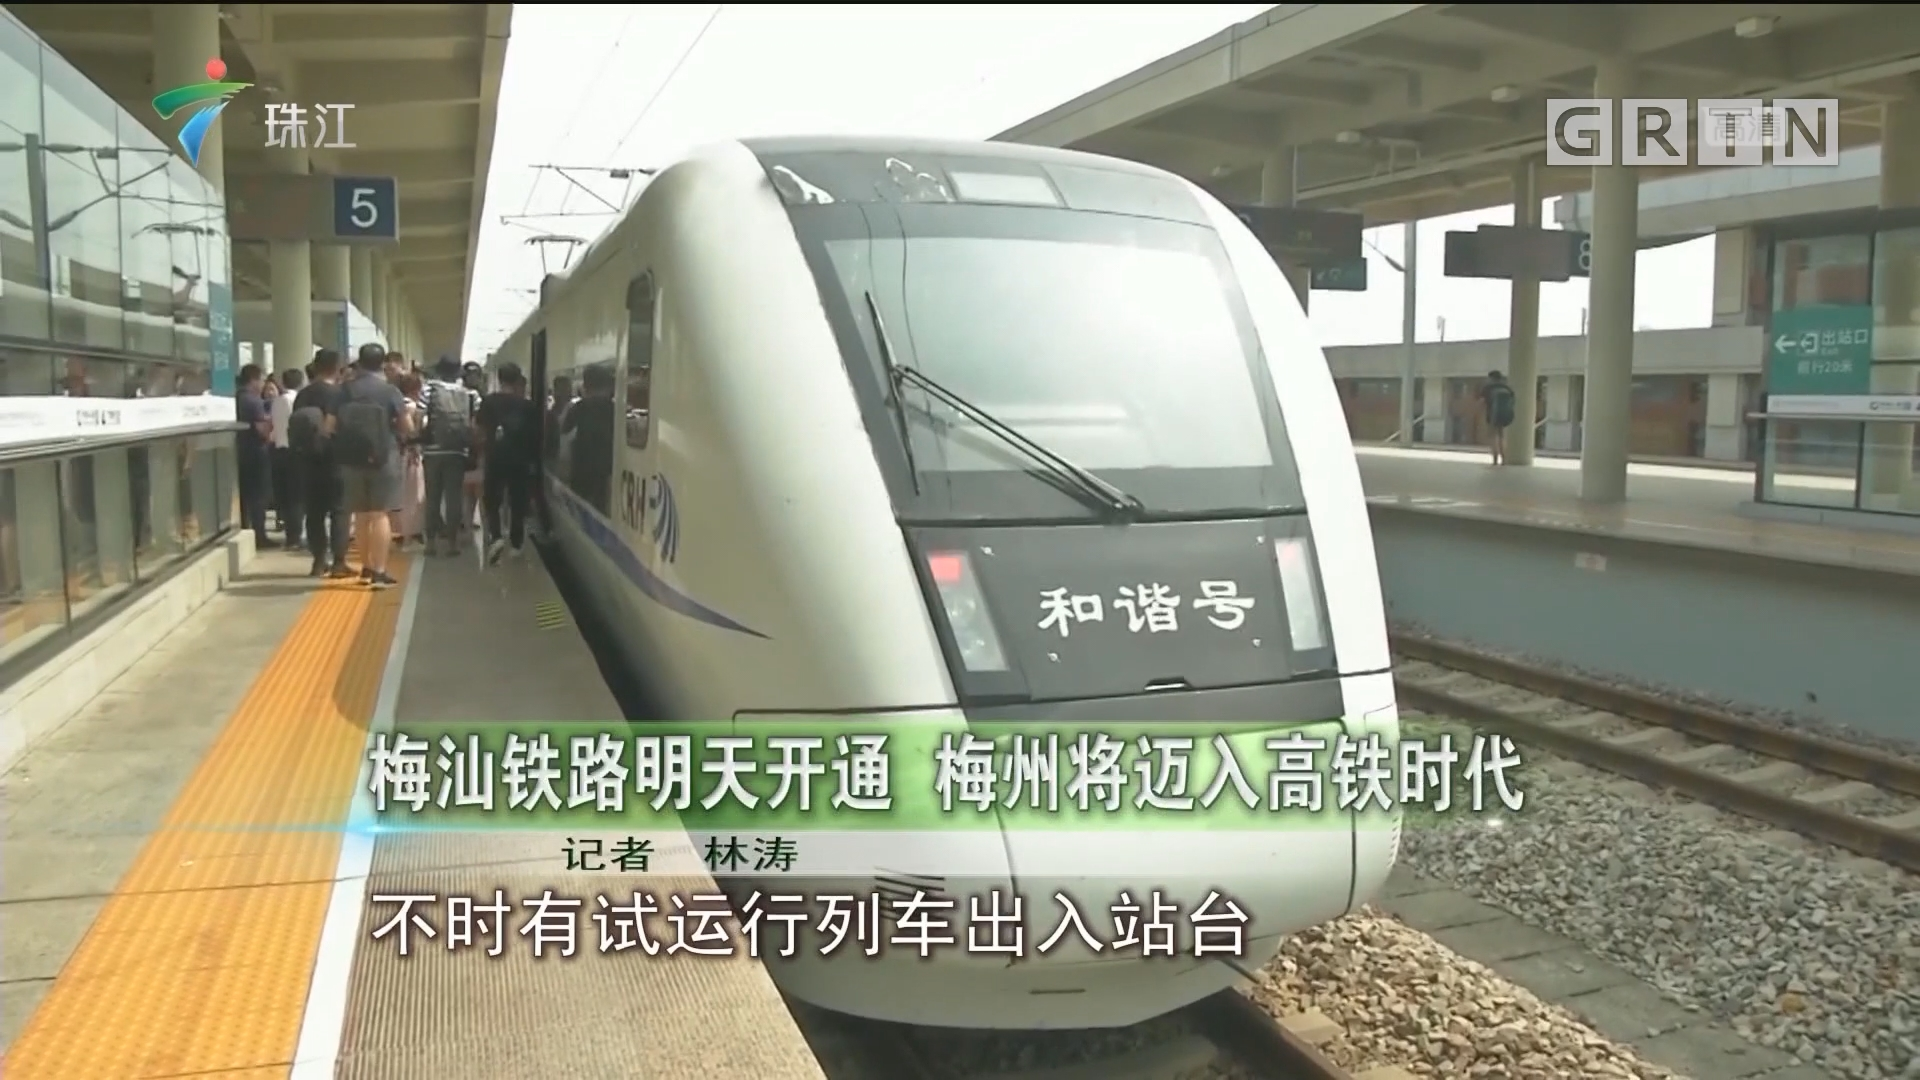 梅汕铁路明天开通 梅州将迈入高铁时代